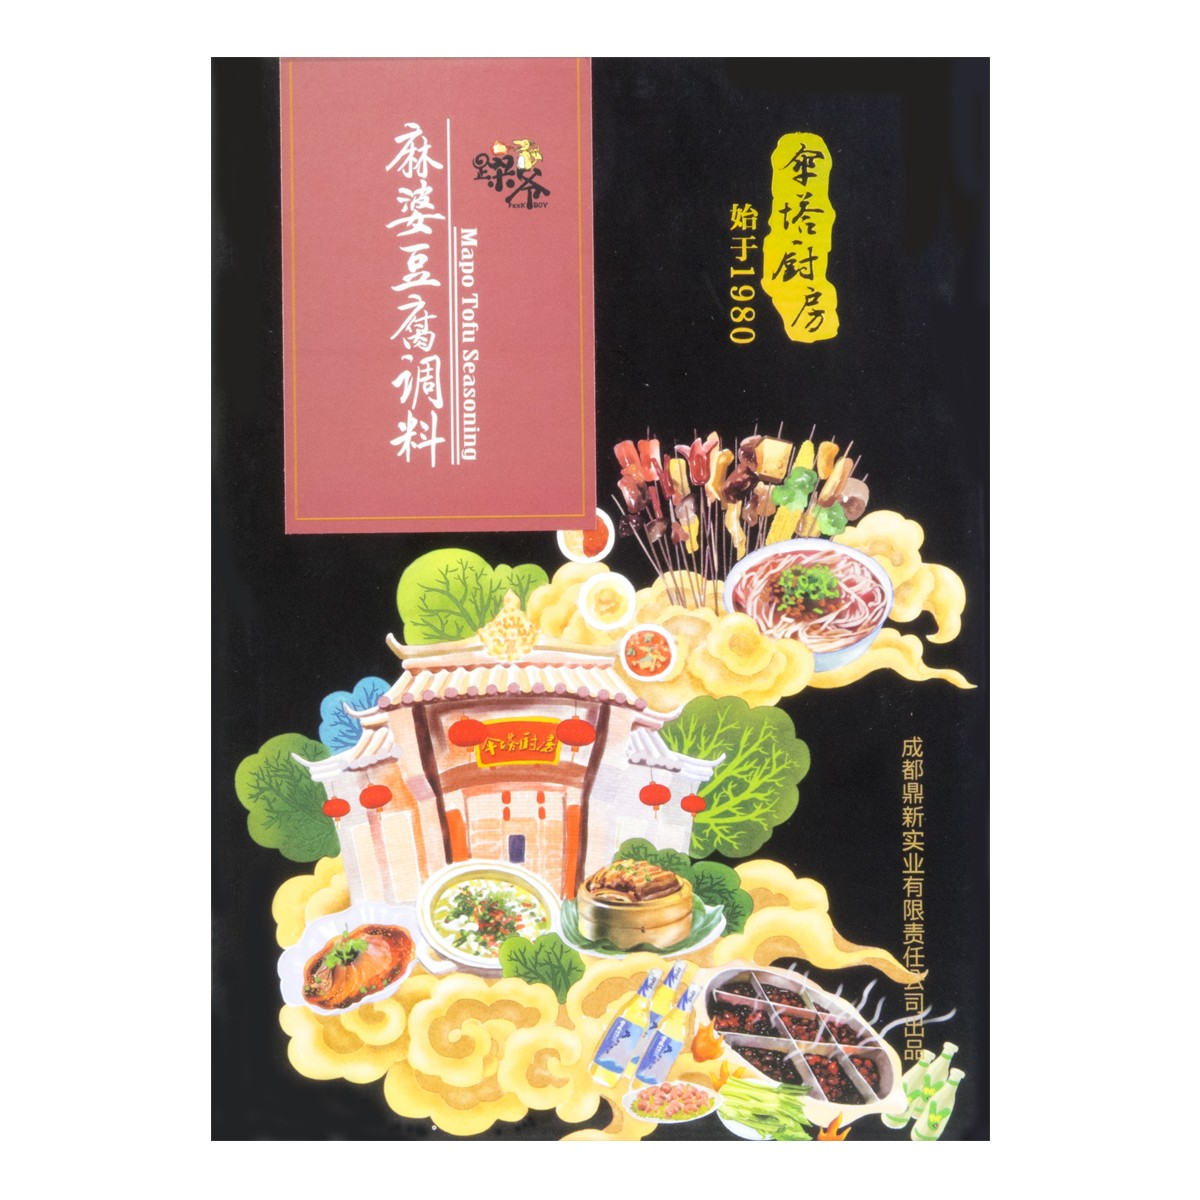 【清仓】躁爷 麻婆豆腐调料 320g